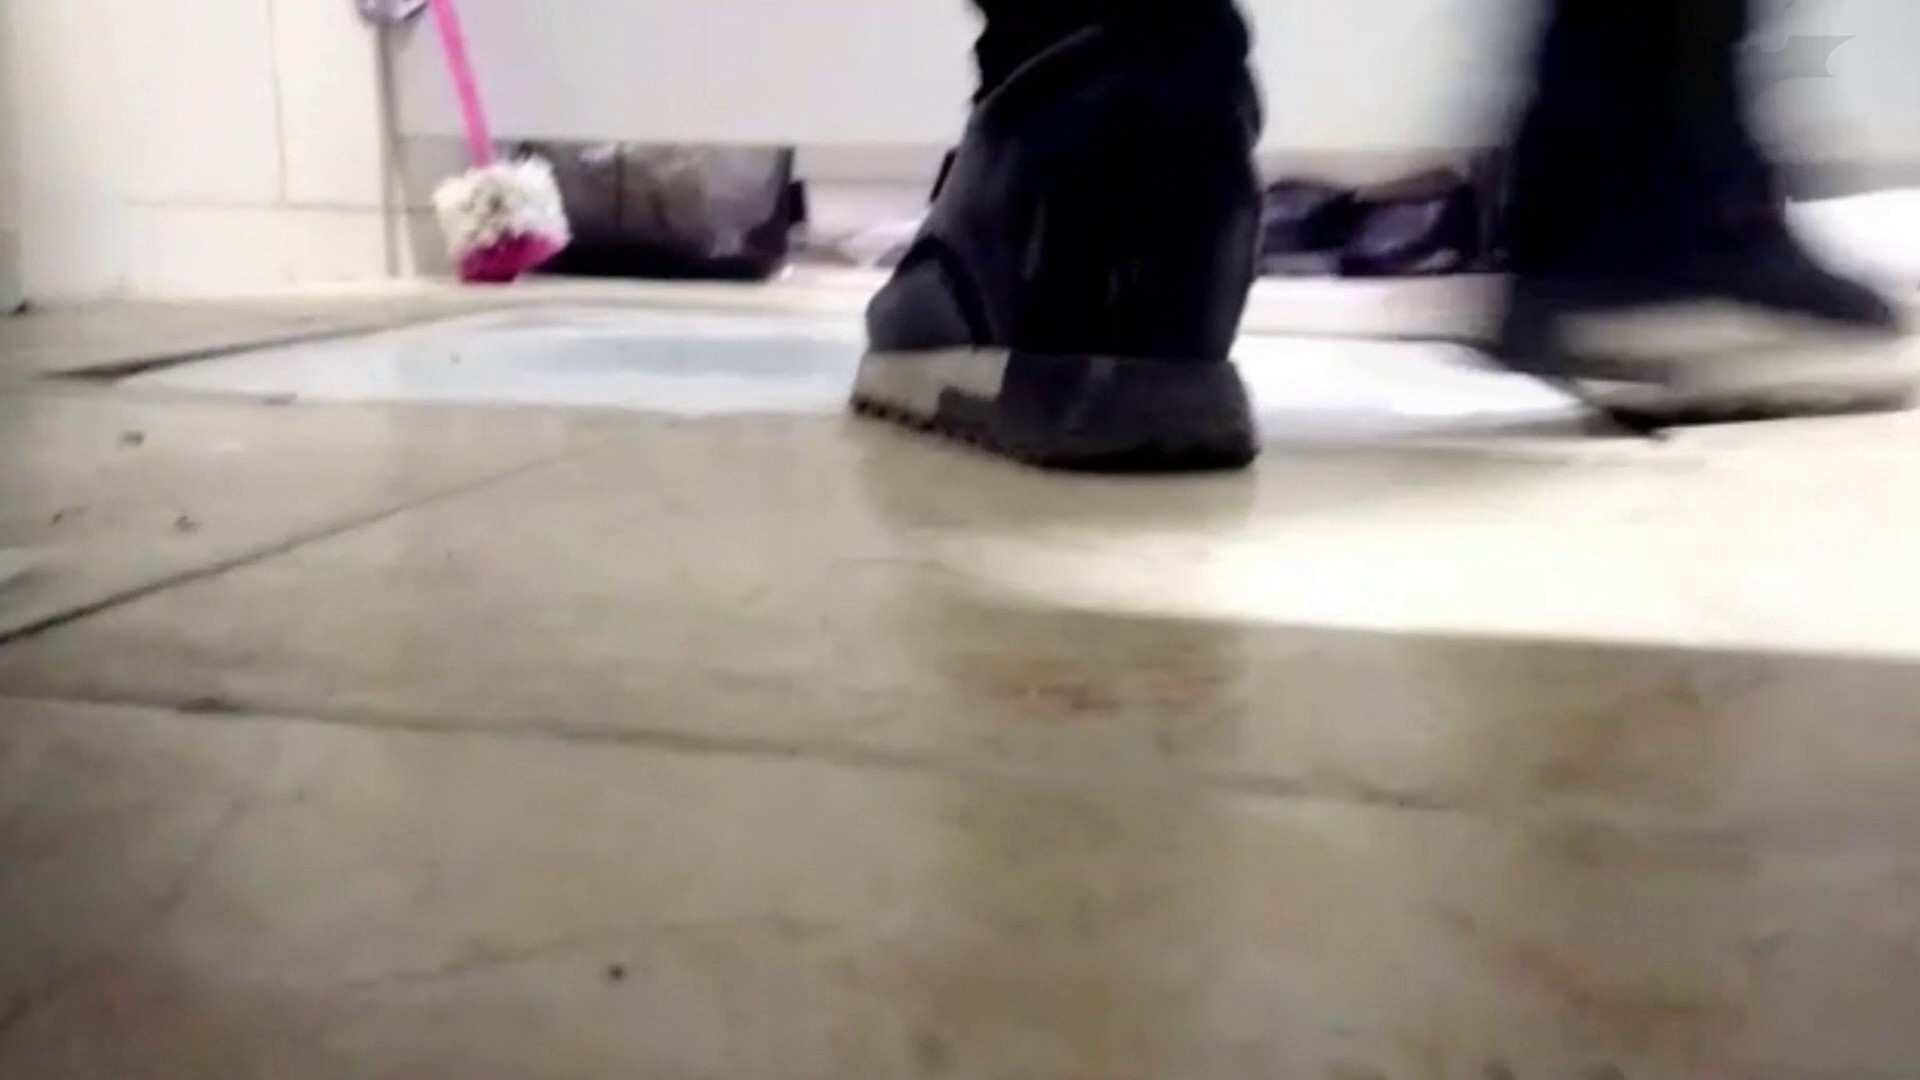 芸術大学ガチ潜入盗撮 JD盗撮 美女の洗面所の秘密 Vol.103 美肌 おまんこ無修正動画無料 108画像 4